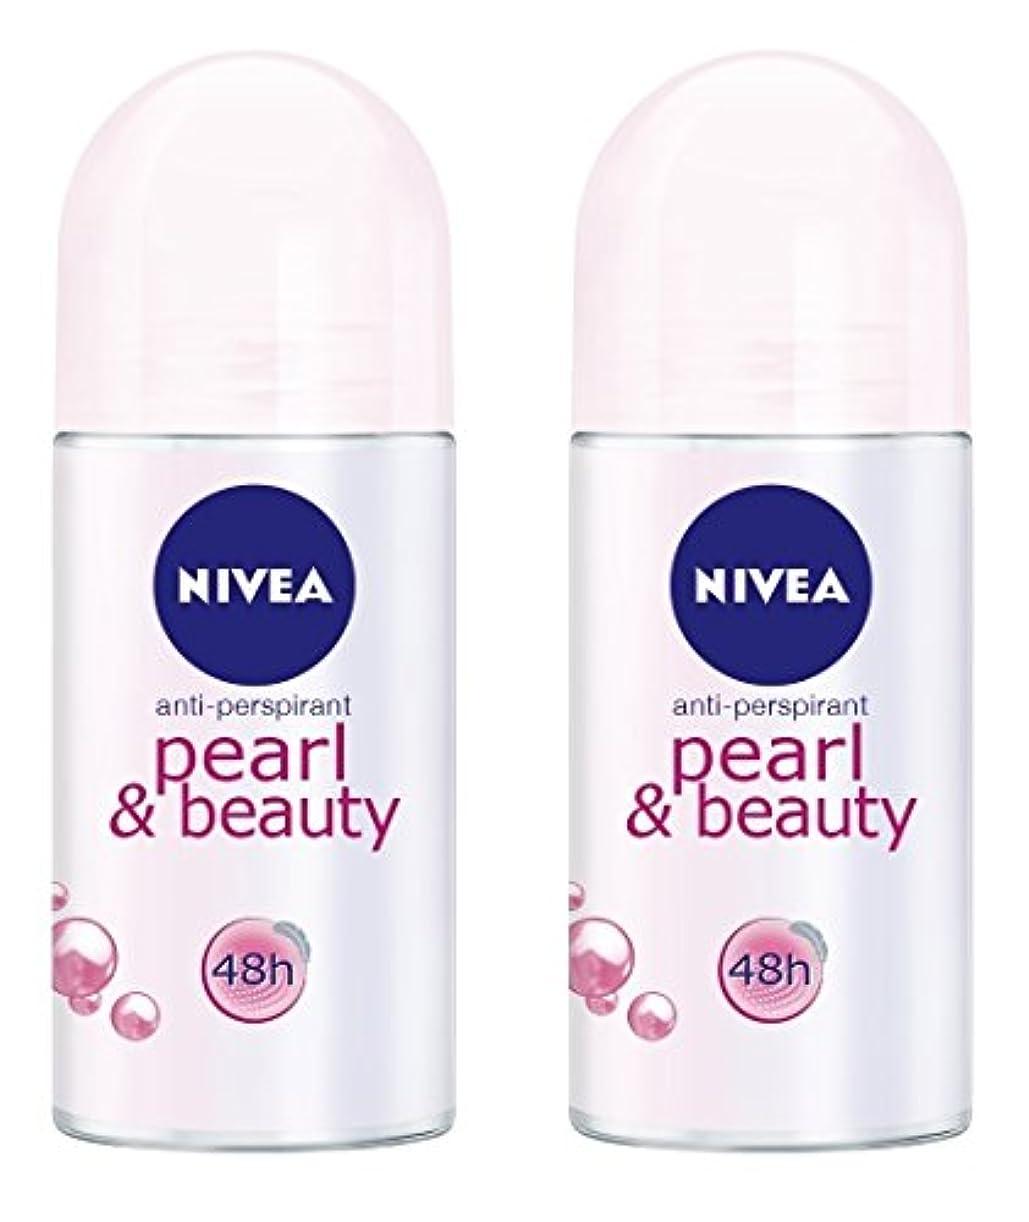 主導権フラフープ食料品店(Pack of 2) Nivea Pearl & Beauty Anti-perspirant Deodorant Roll On for Women 2x50ml - (2パック) ニベアパールそしてビューティー制汗剤...